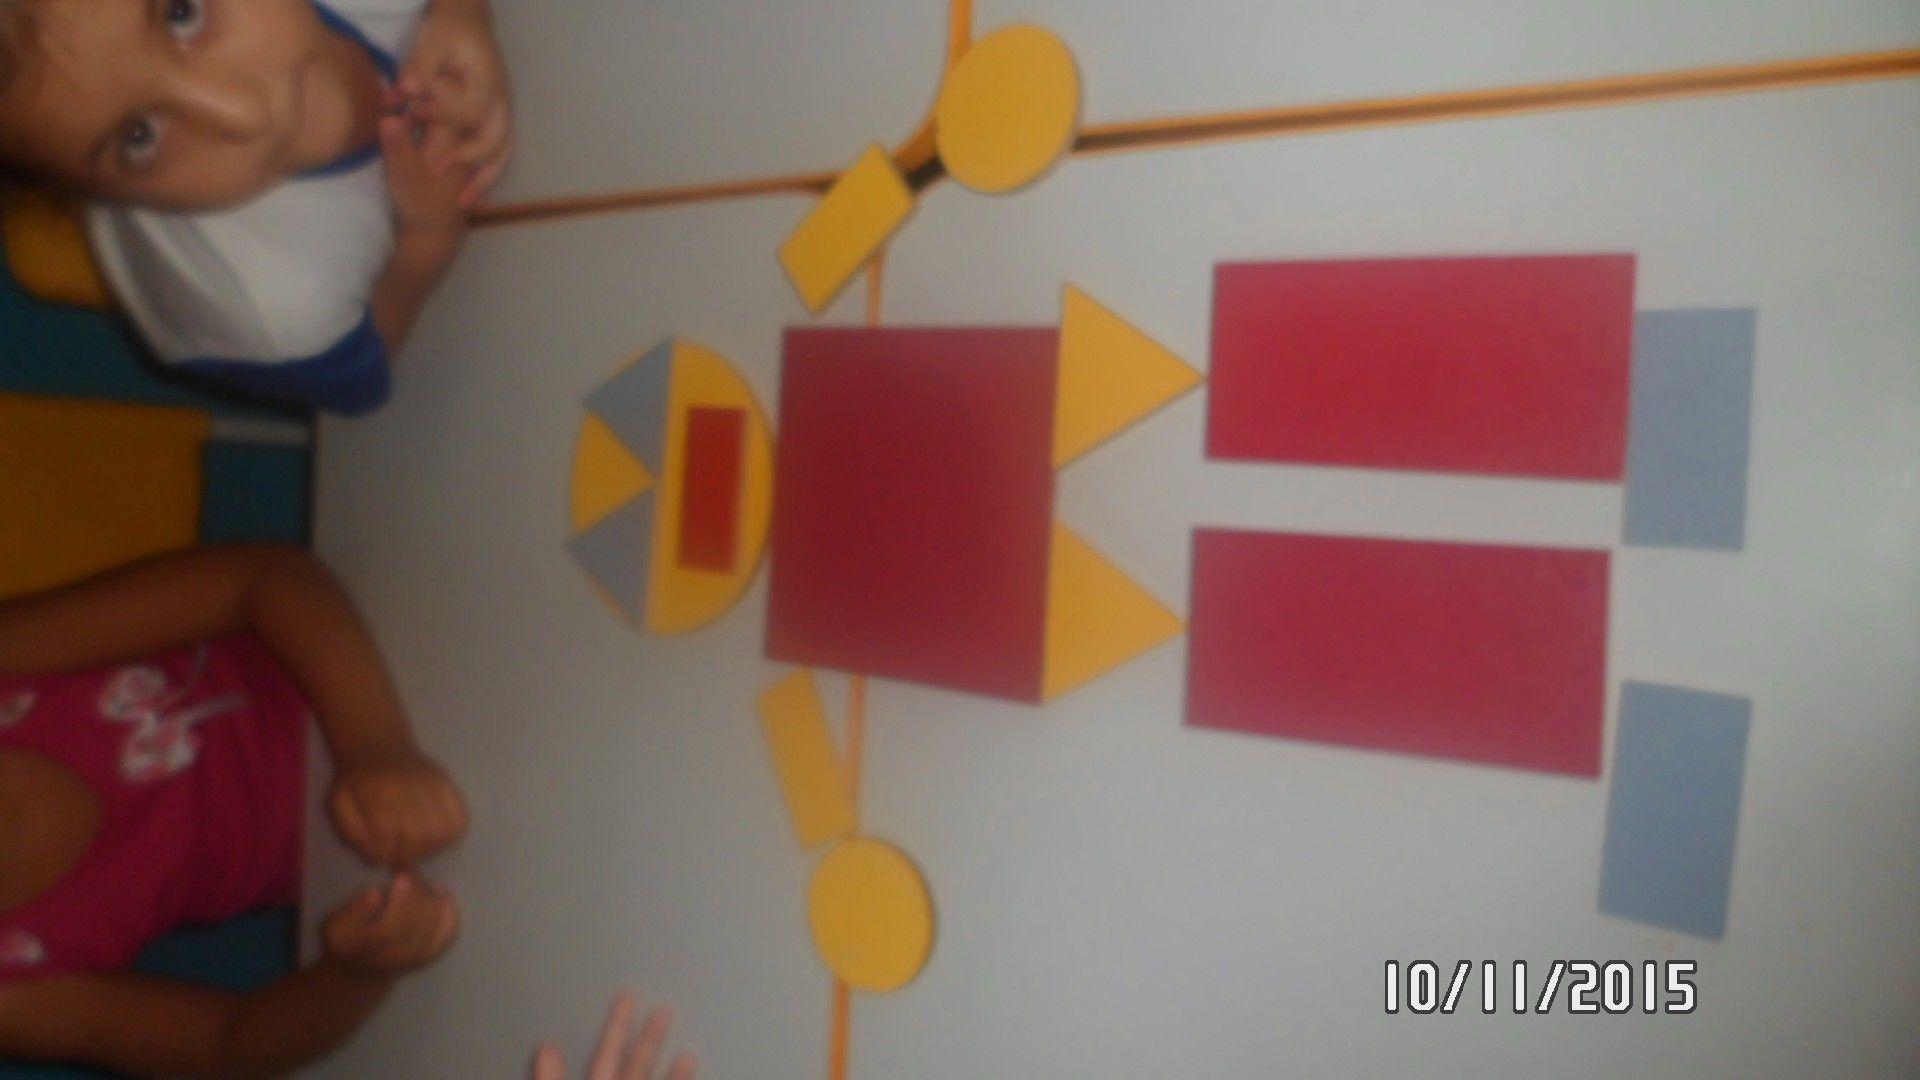 Nossa turma do maternal II brincando com blocos lógicos